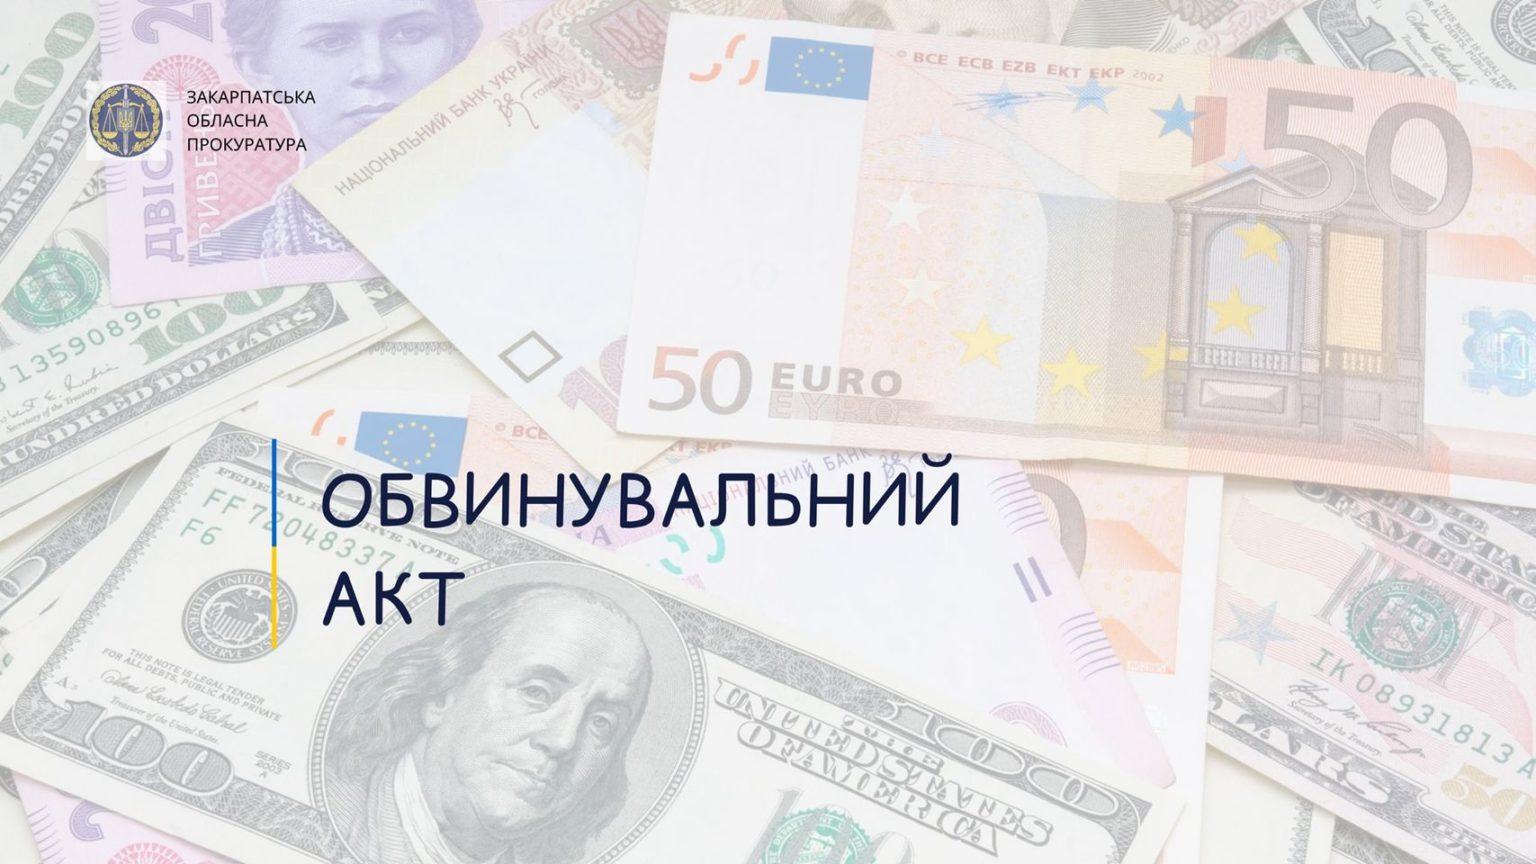 Обвинувальний акт скеровано до Свалявського районного суду.